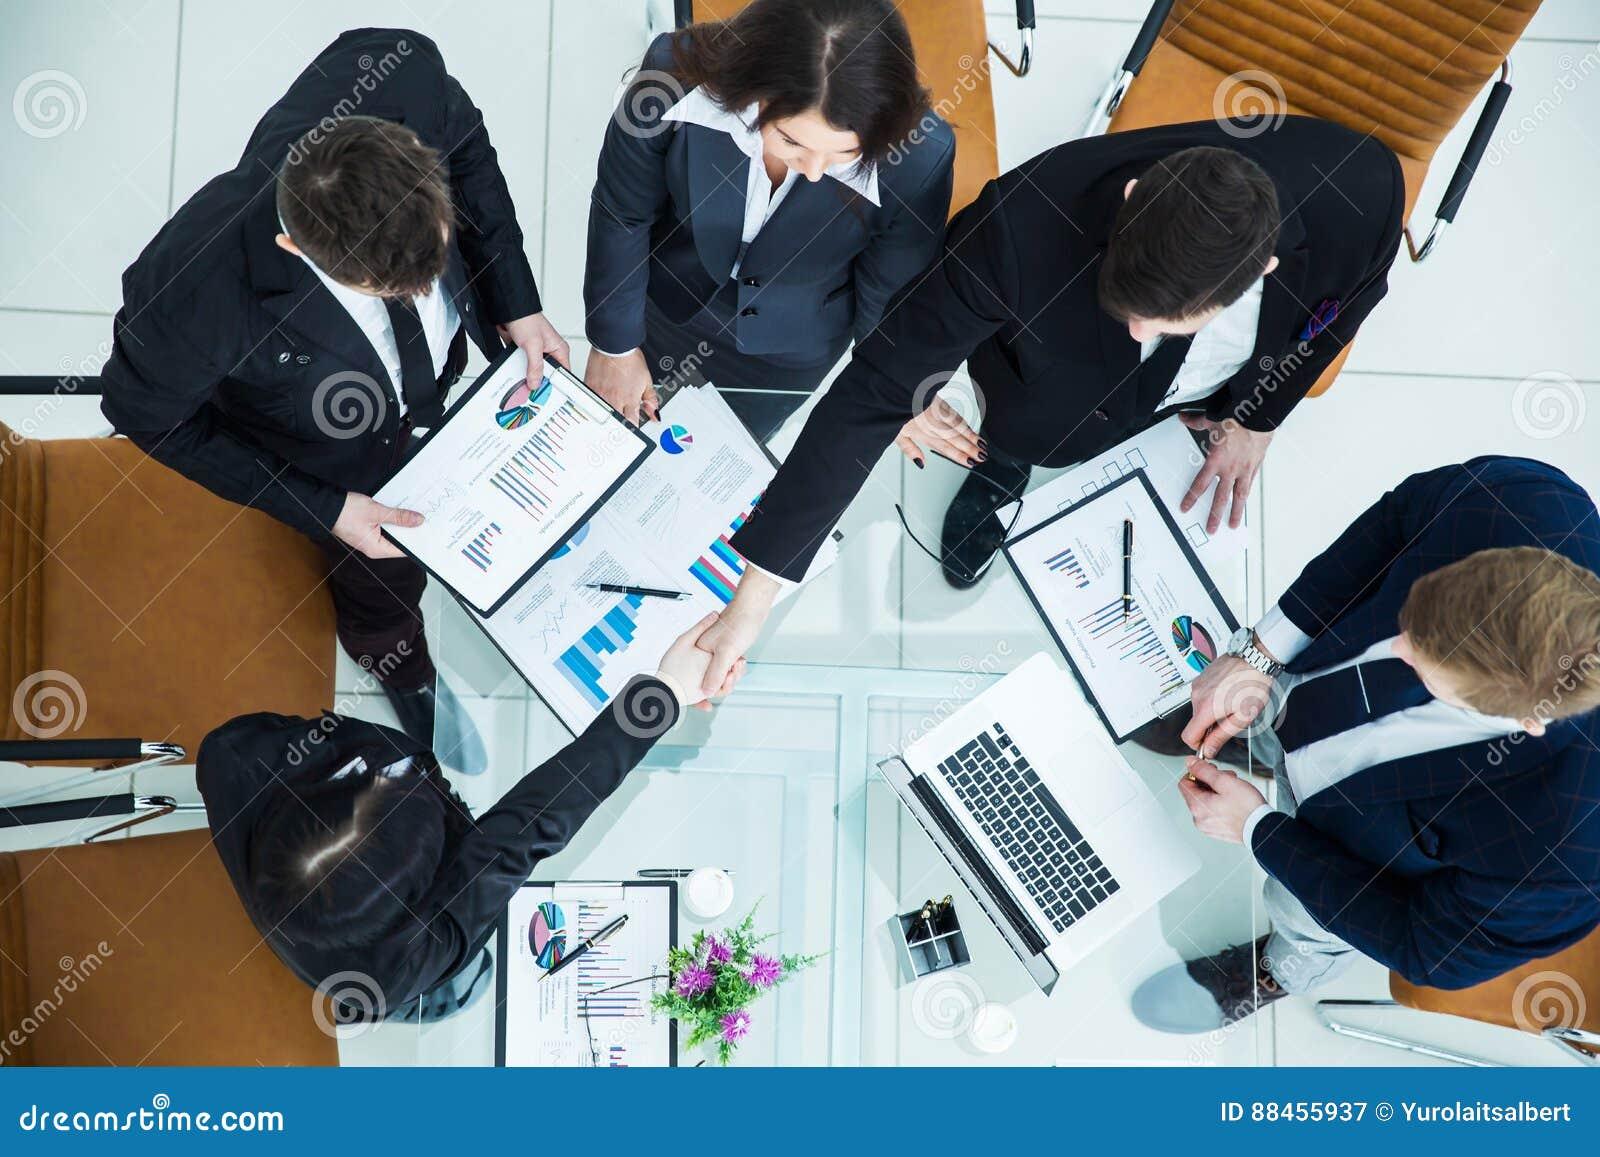 Uścisku dłoni kierownik i Finansowy dyrektor po zatwierdzenia pieniężny plan firma w miejscu pracy